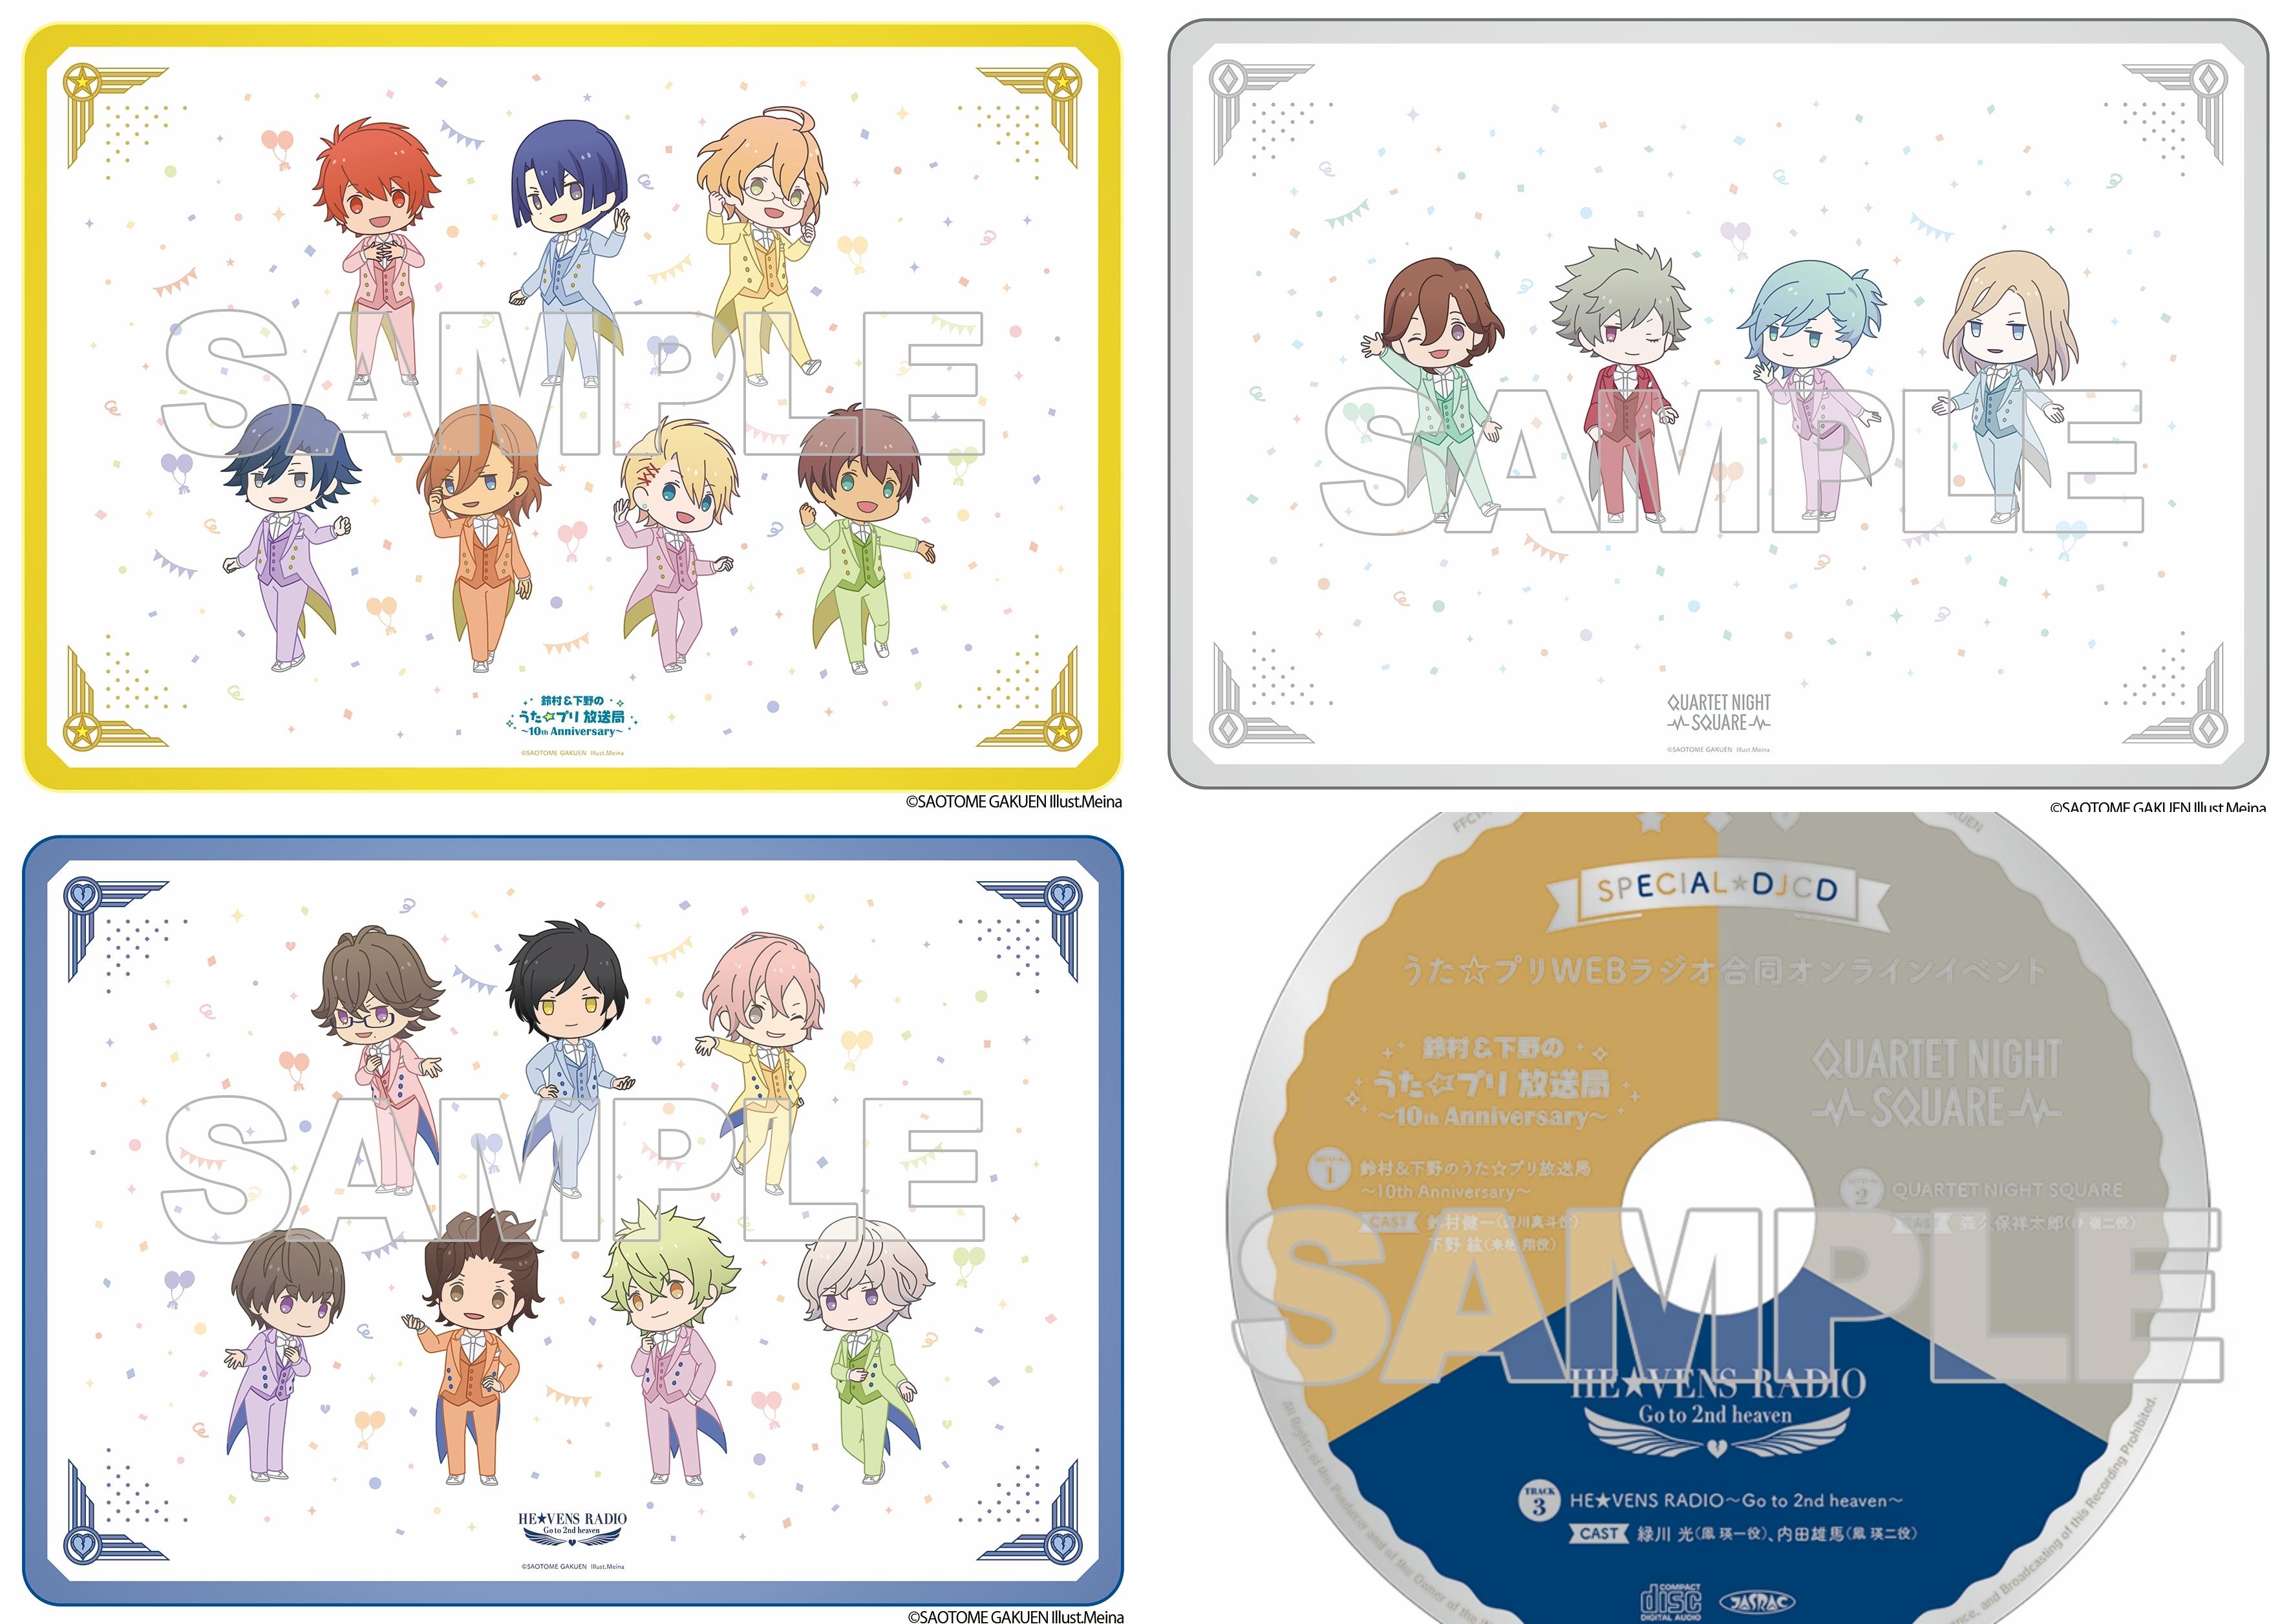 『うた☆プリ』WEBラジオ3番組合同オンラインイベントのグッズをアニメイト通販で販売